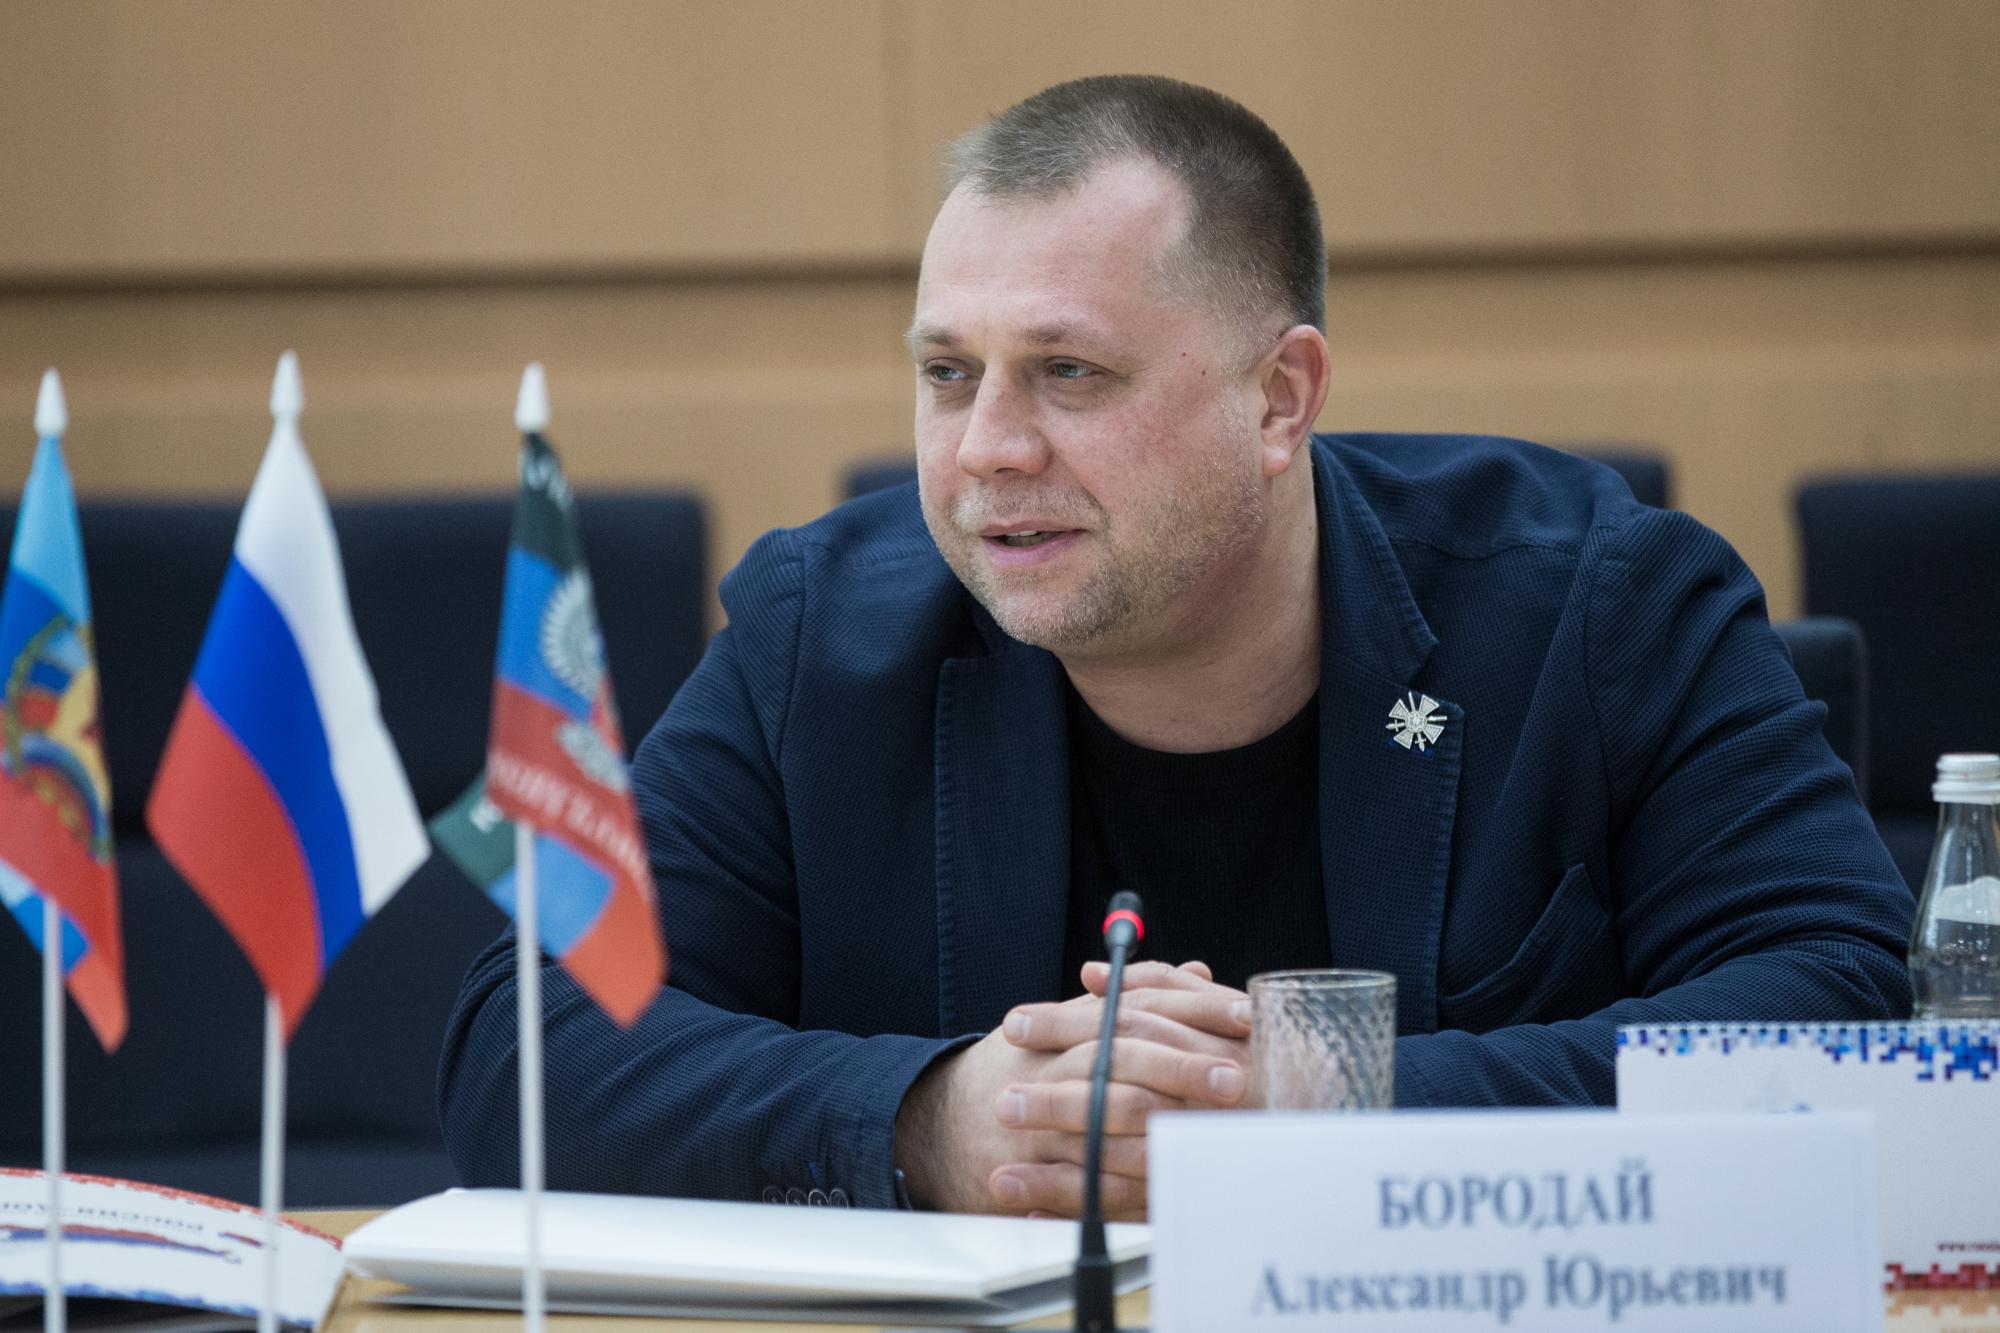 Il capo dell'Unione dei Volontari del Donbass Aleksandr Jurevič Borodaj